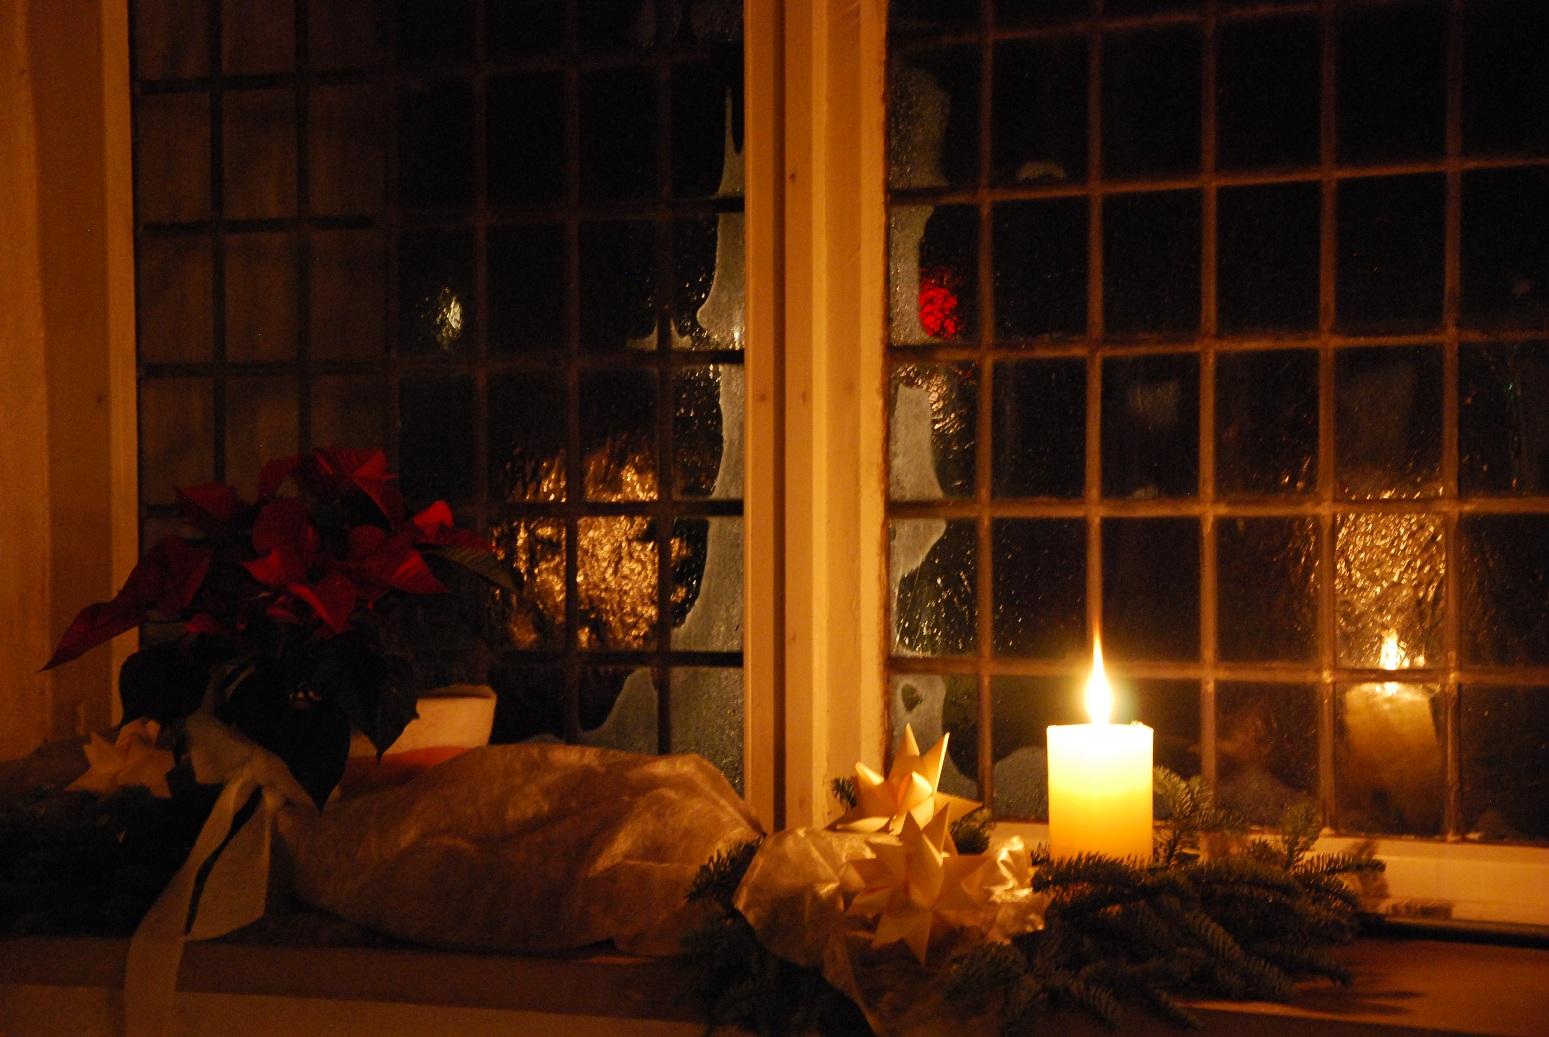 Ein Kirchenfenster zur Adventszeit: Dekoriert mit Adventssternen und Kerzen.